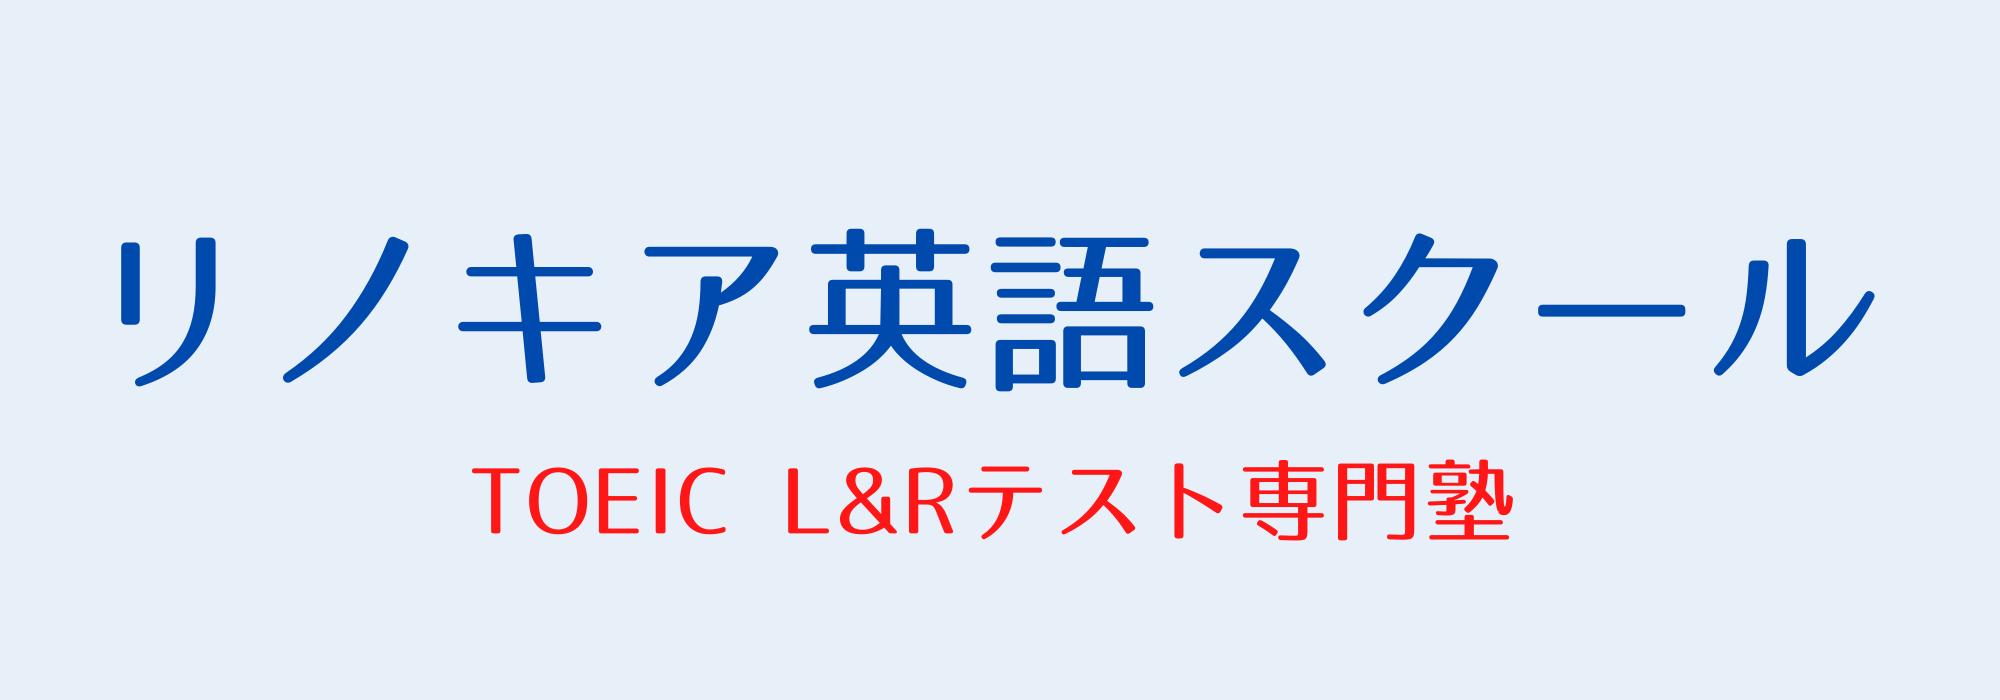 リノキア英語スクール|東京のマンツーマンTOEICスクール